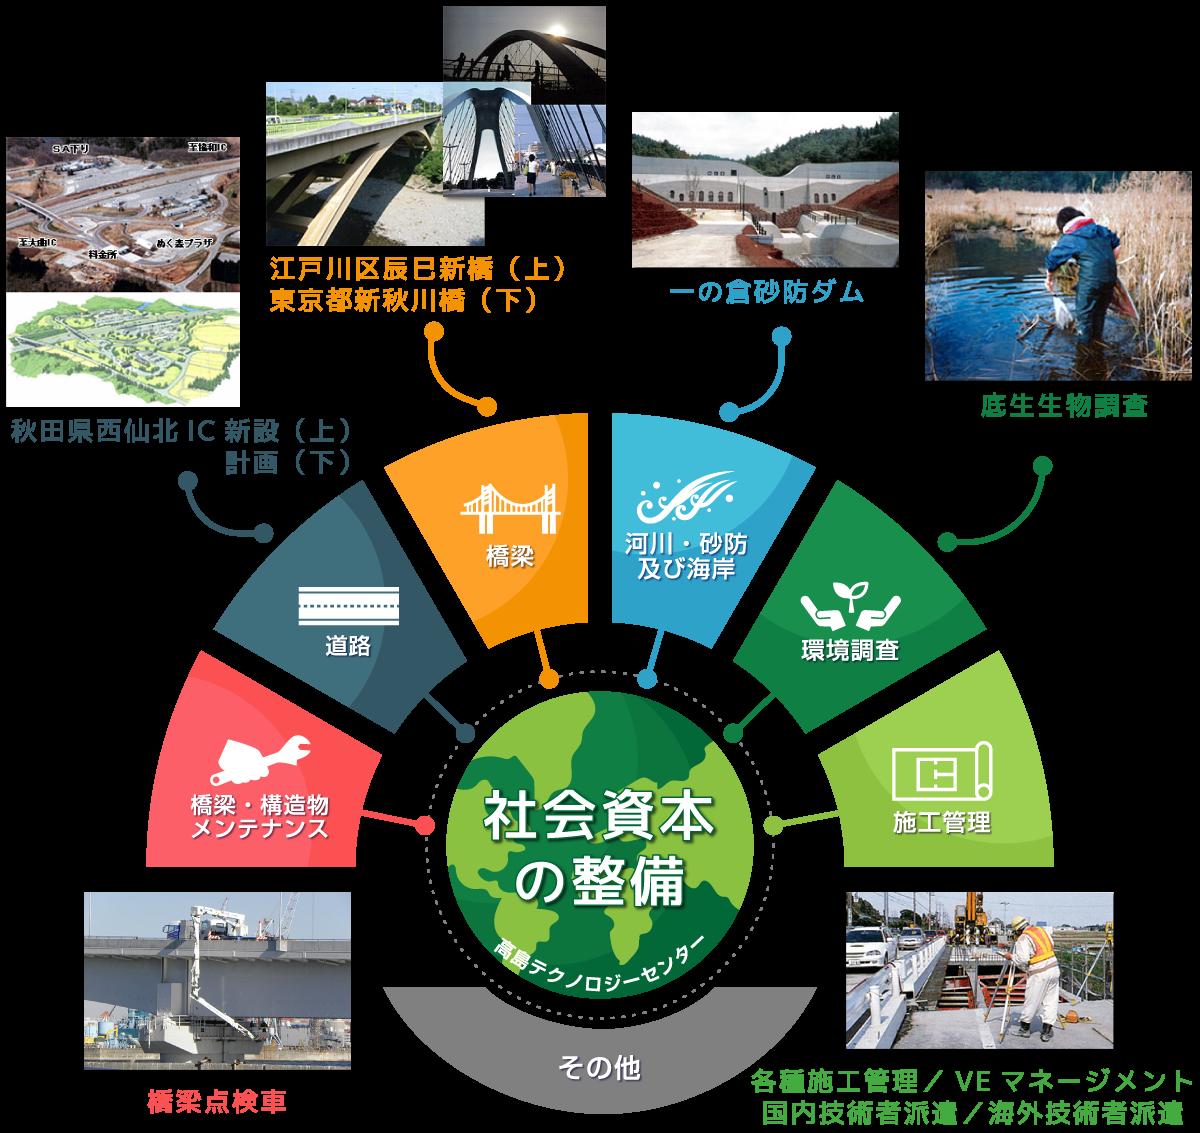 高島テクノロジーセンターの業務領域図